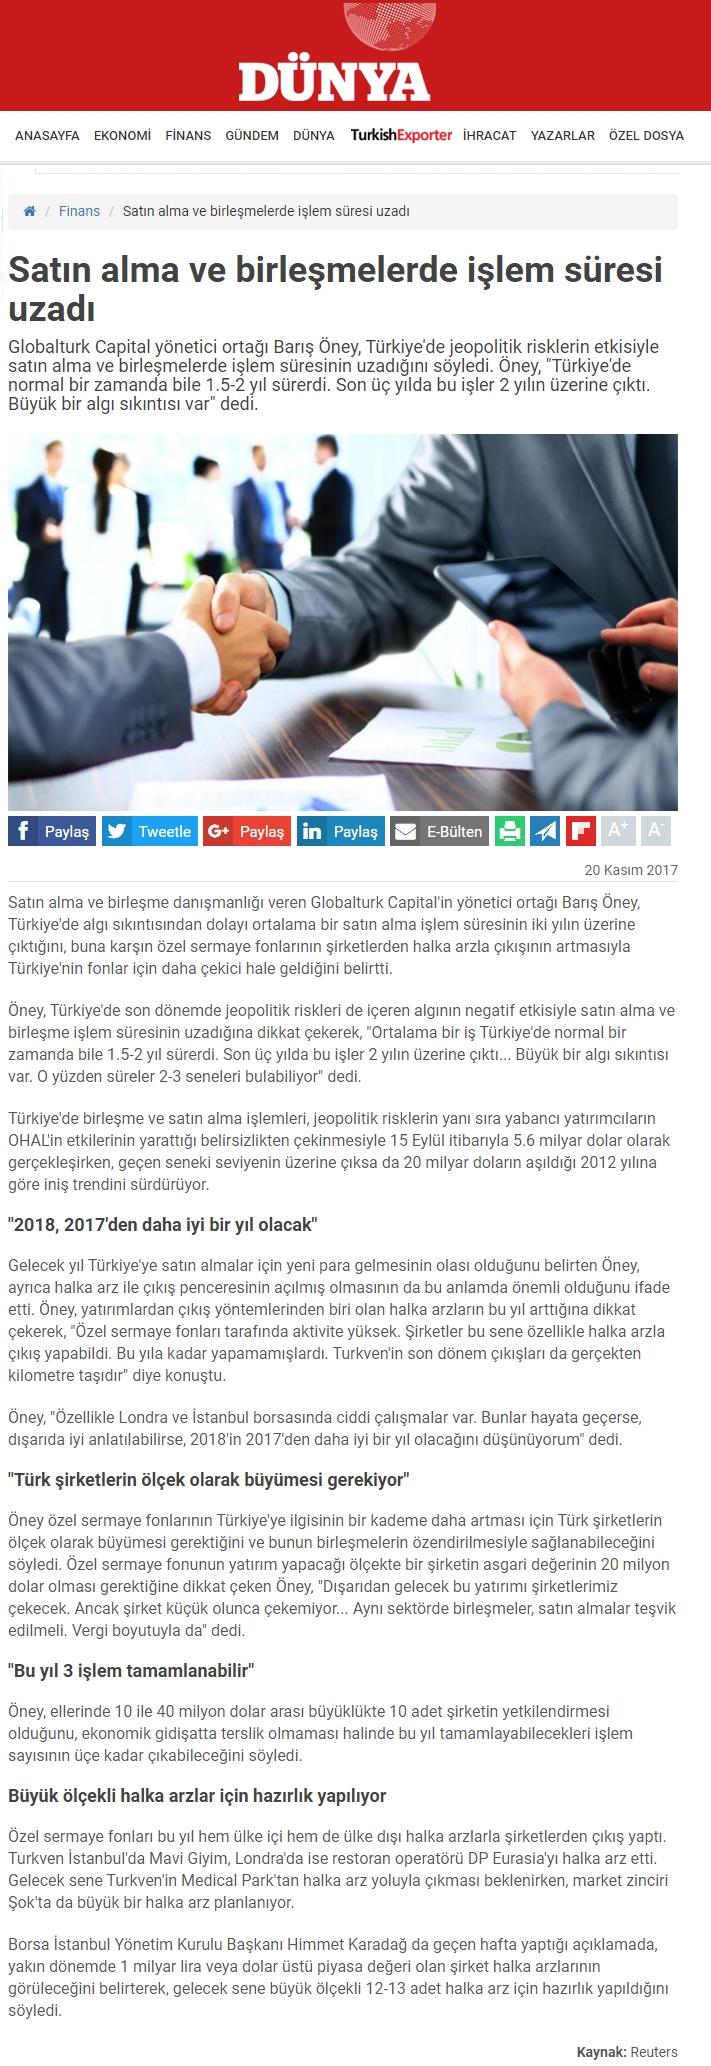 Satın Alma ve Birleşmelerde İşlem Süresi Uzadı | Dunya.com